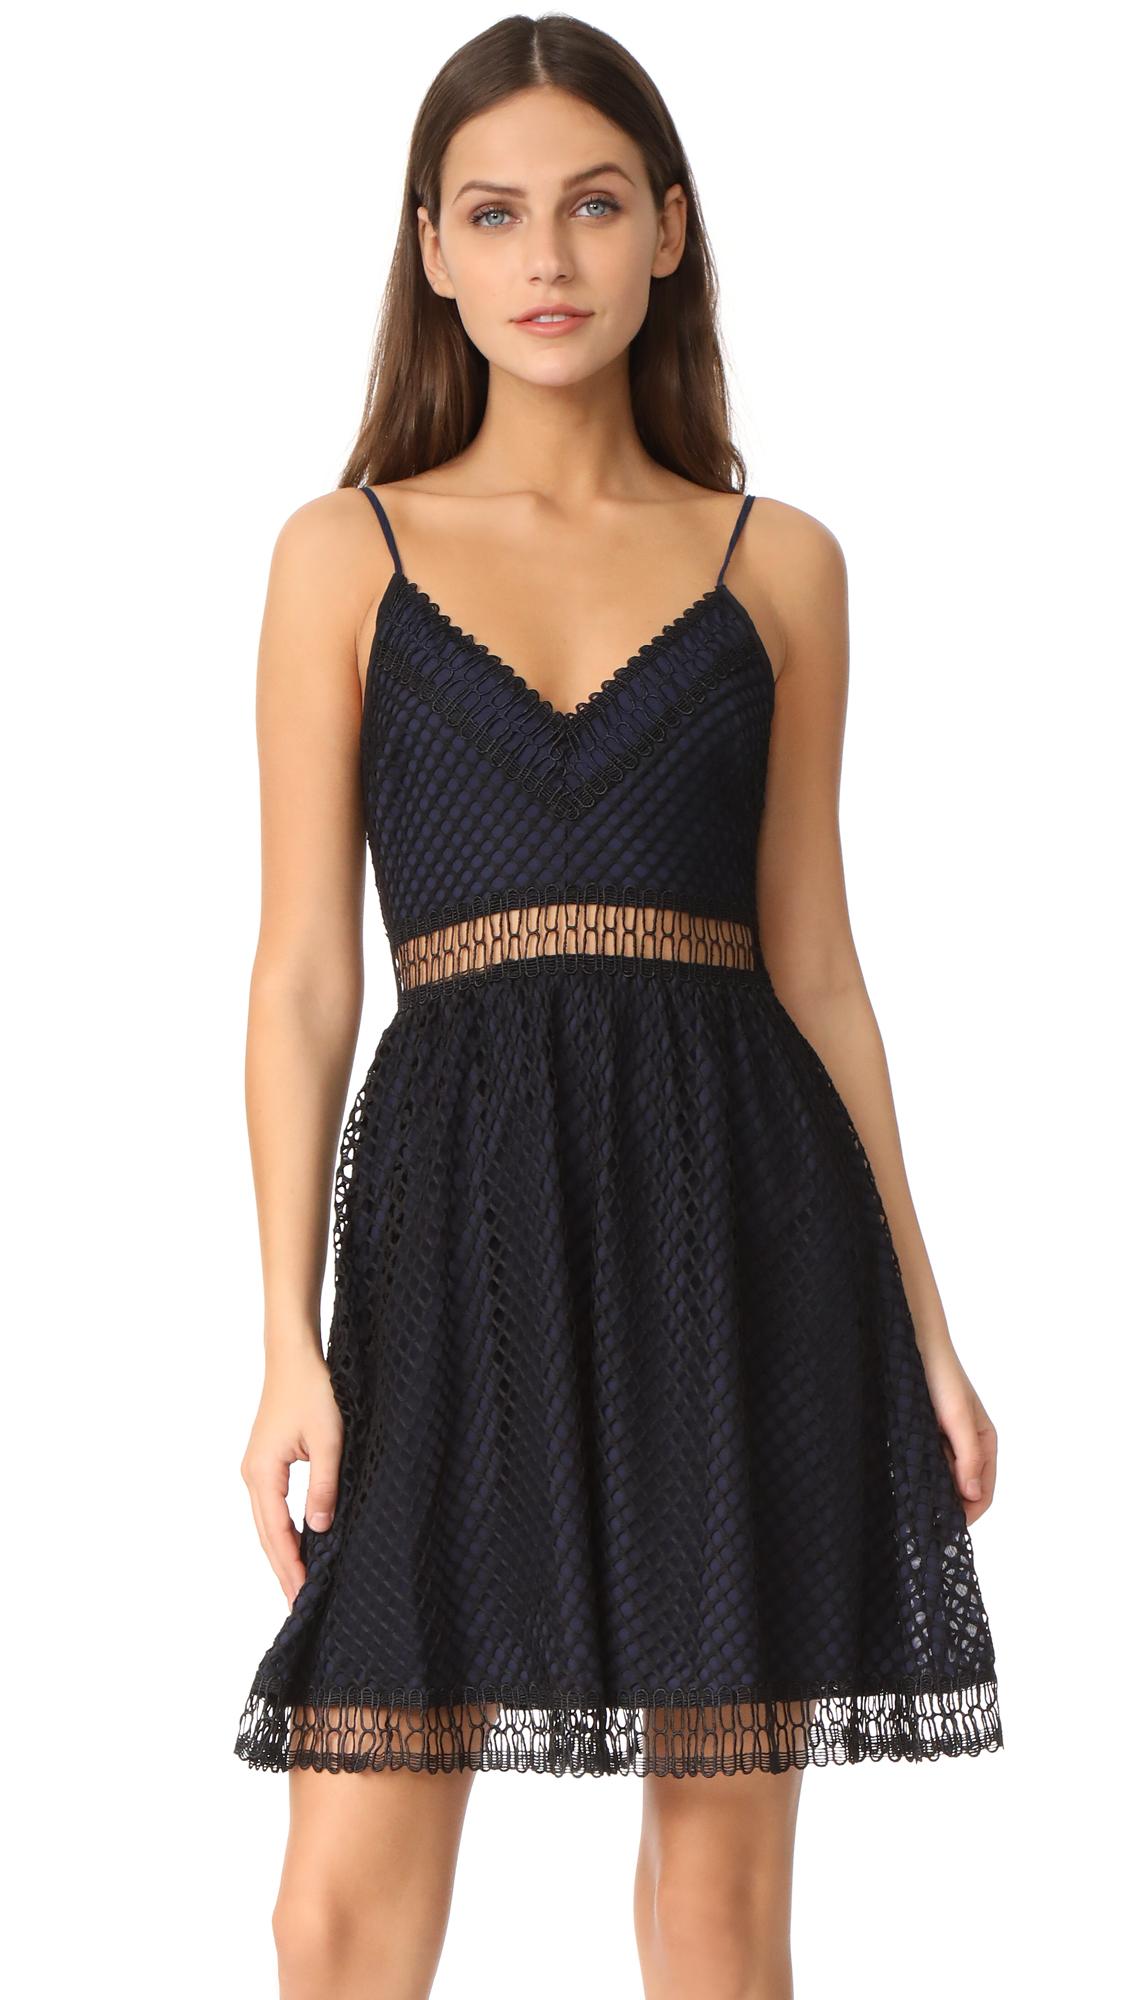 LIKELY Glencoe Dress